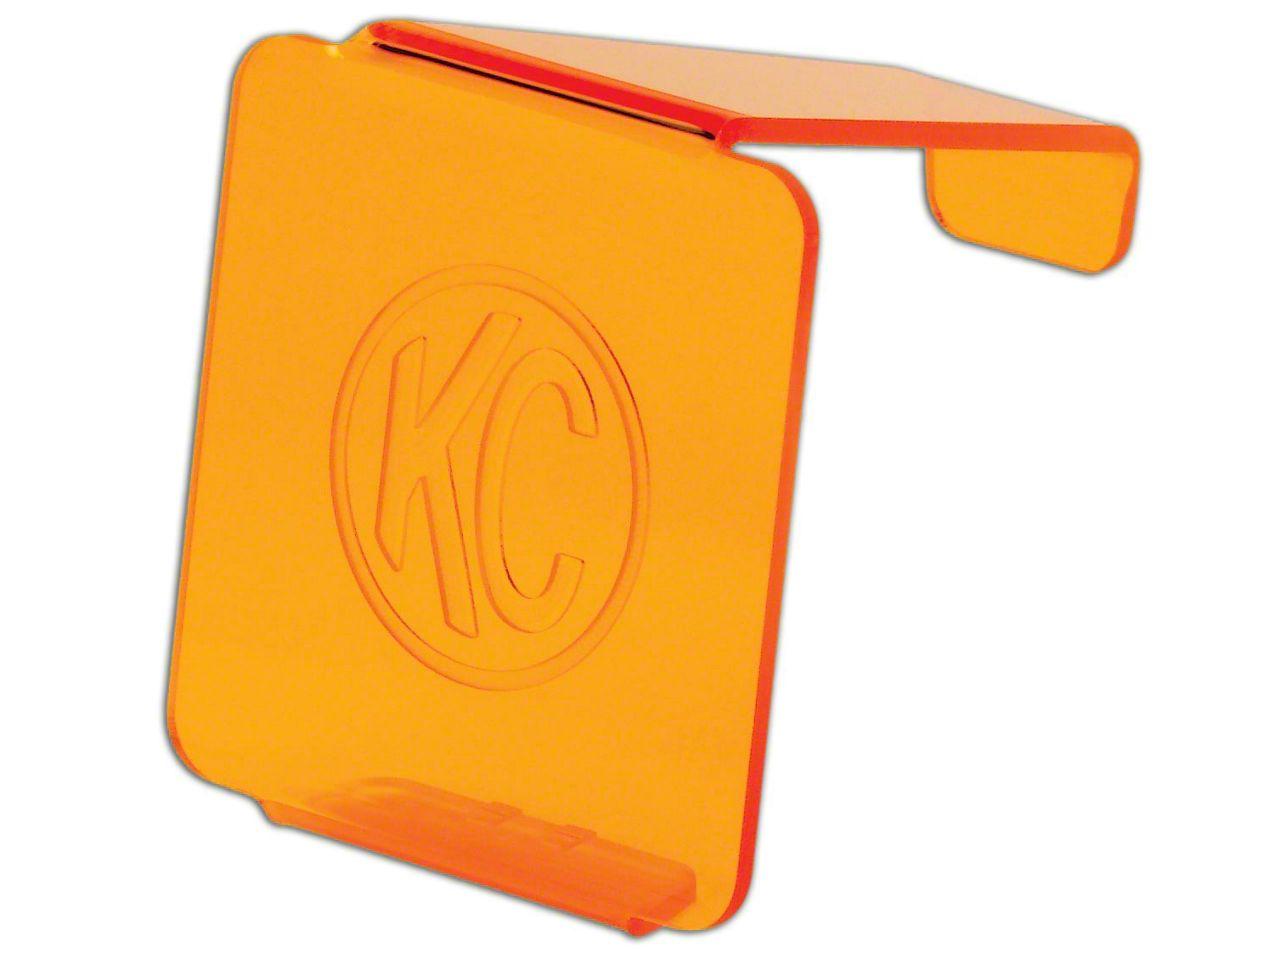 KC HiLiTES Hard Cover for 3 in. C3 Cube Light - Orange (87-19 Jeep Wrangler YJ, TJ, JK & JL)